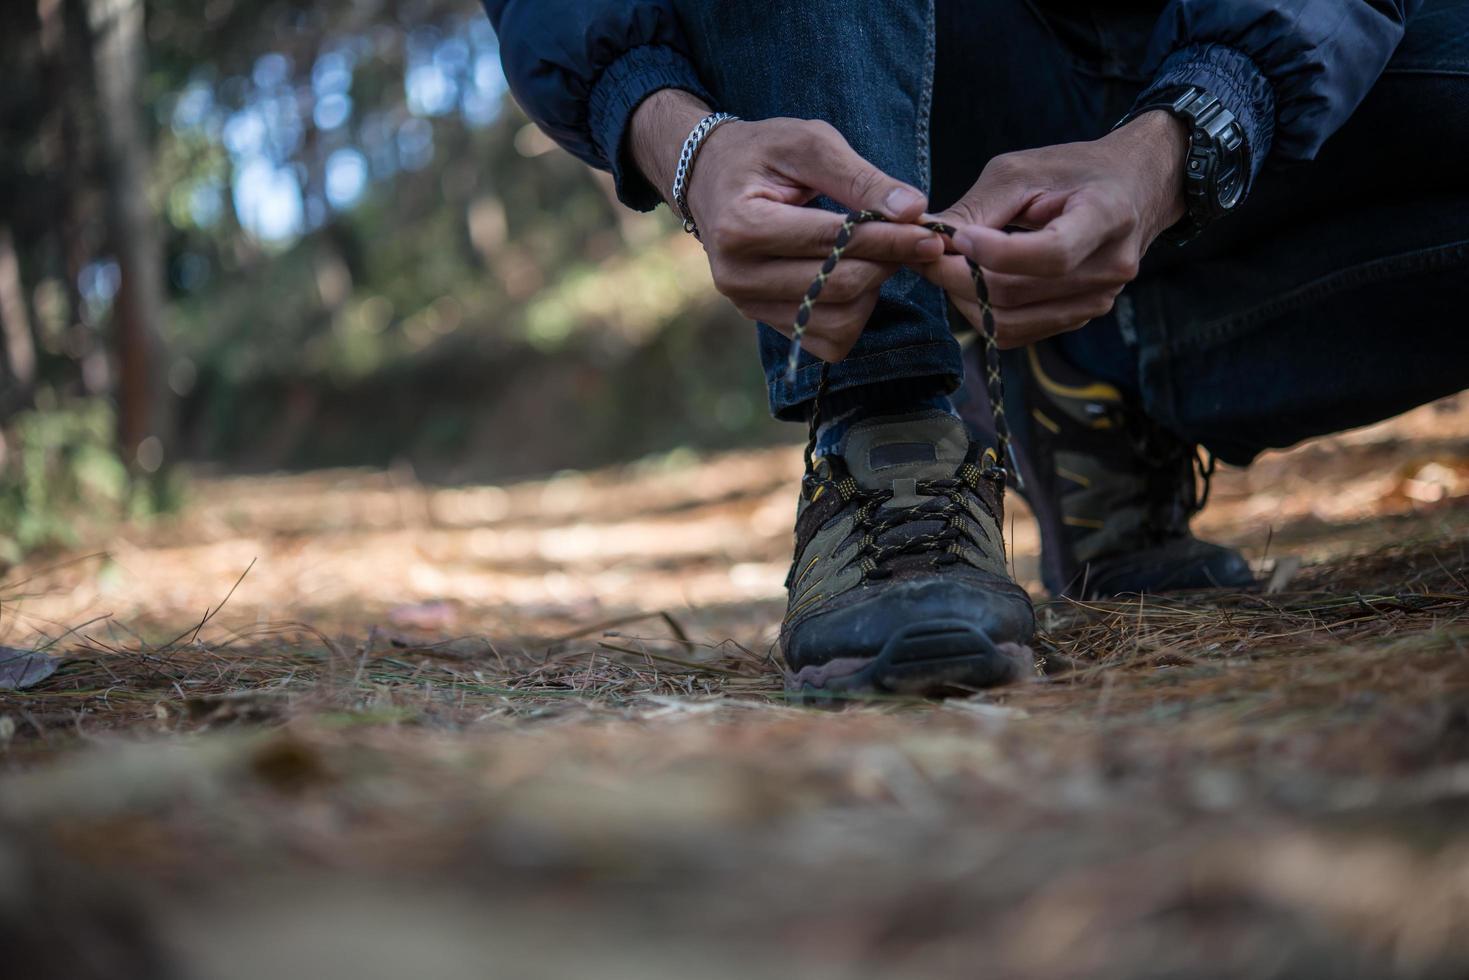 ung vandrarman knyter sina skosnören medan du backar i skogen foto